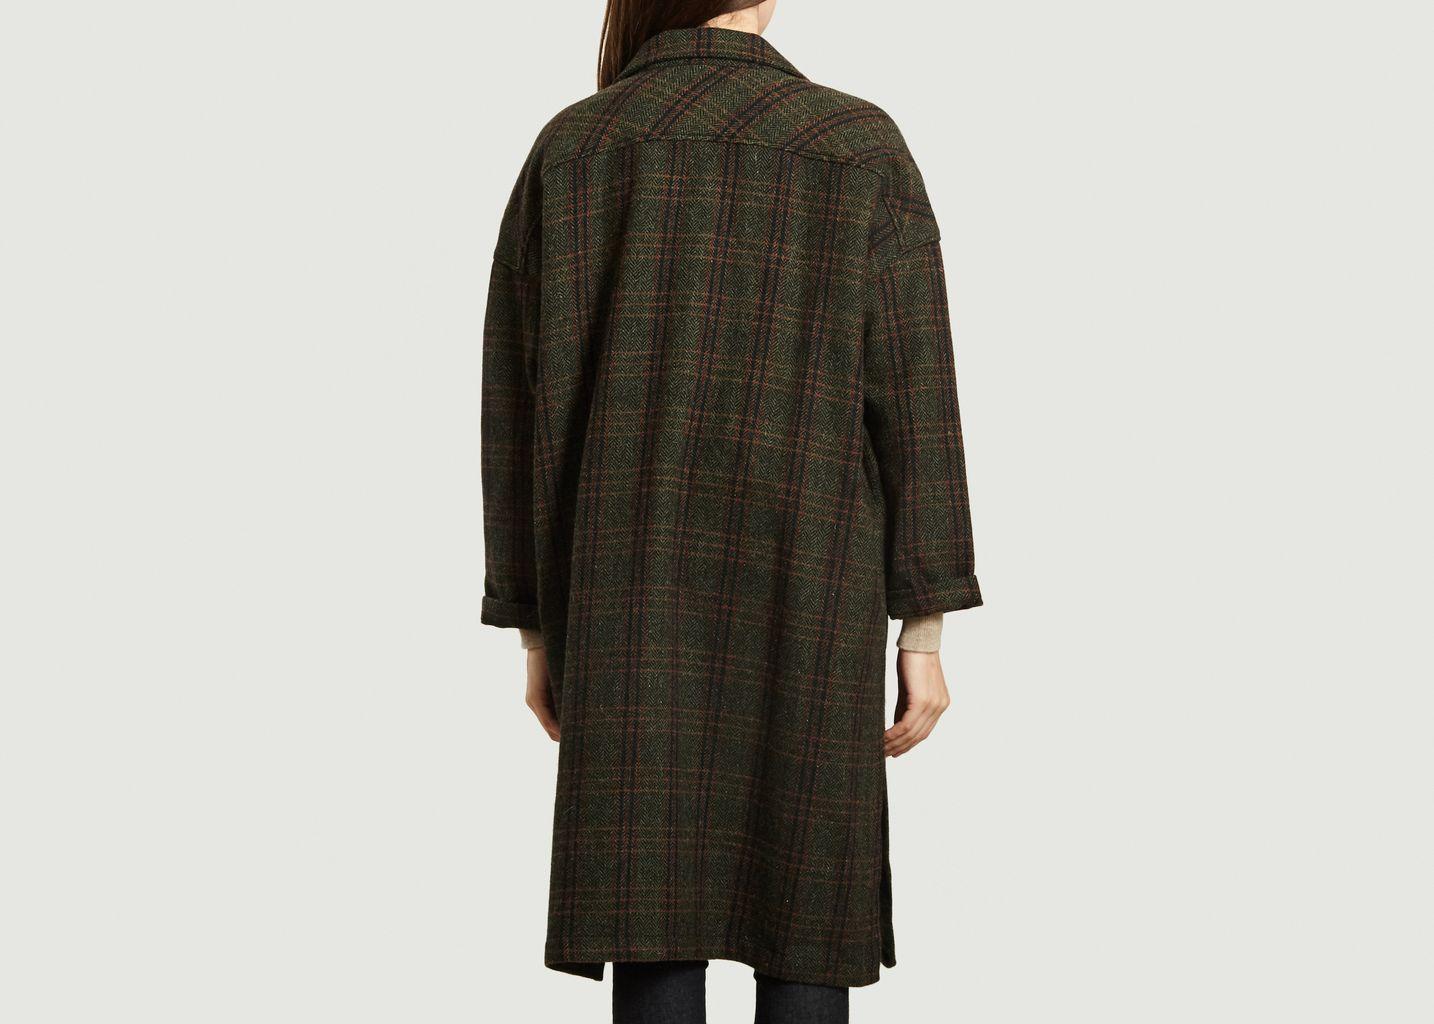 Manteau long léger en laine vierge Vitto - Diega